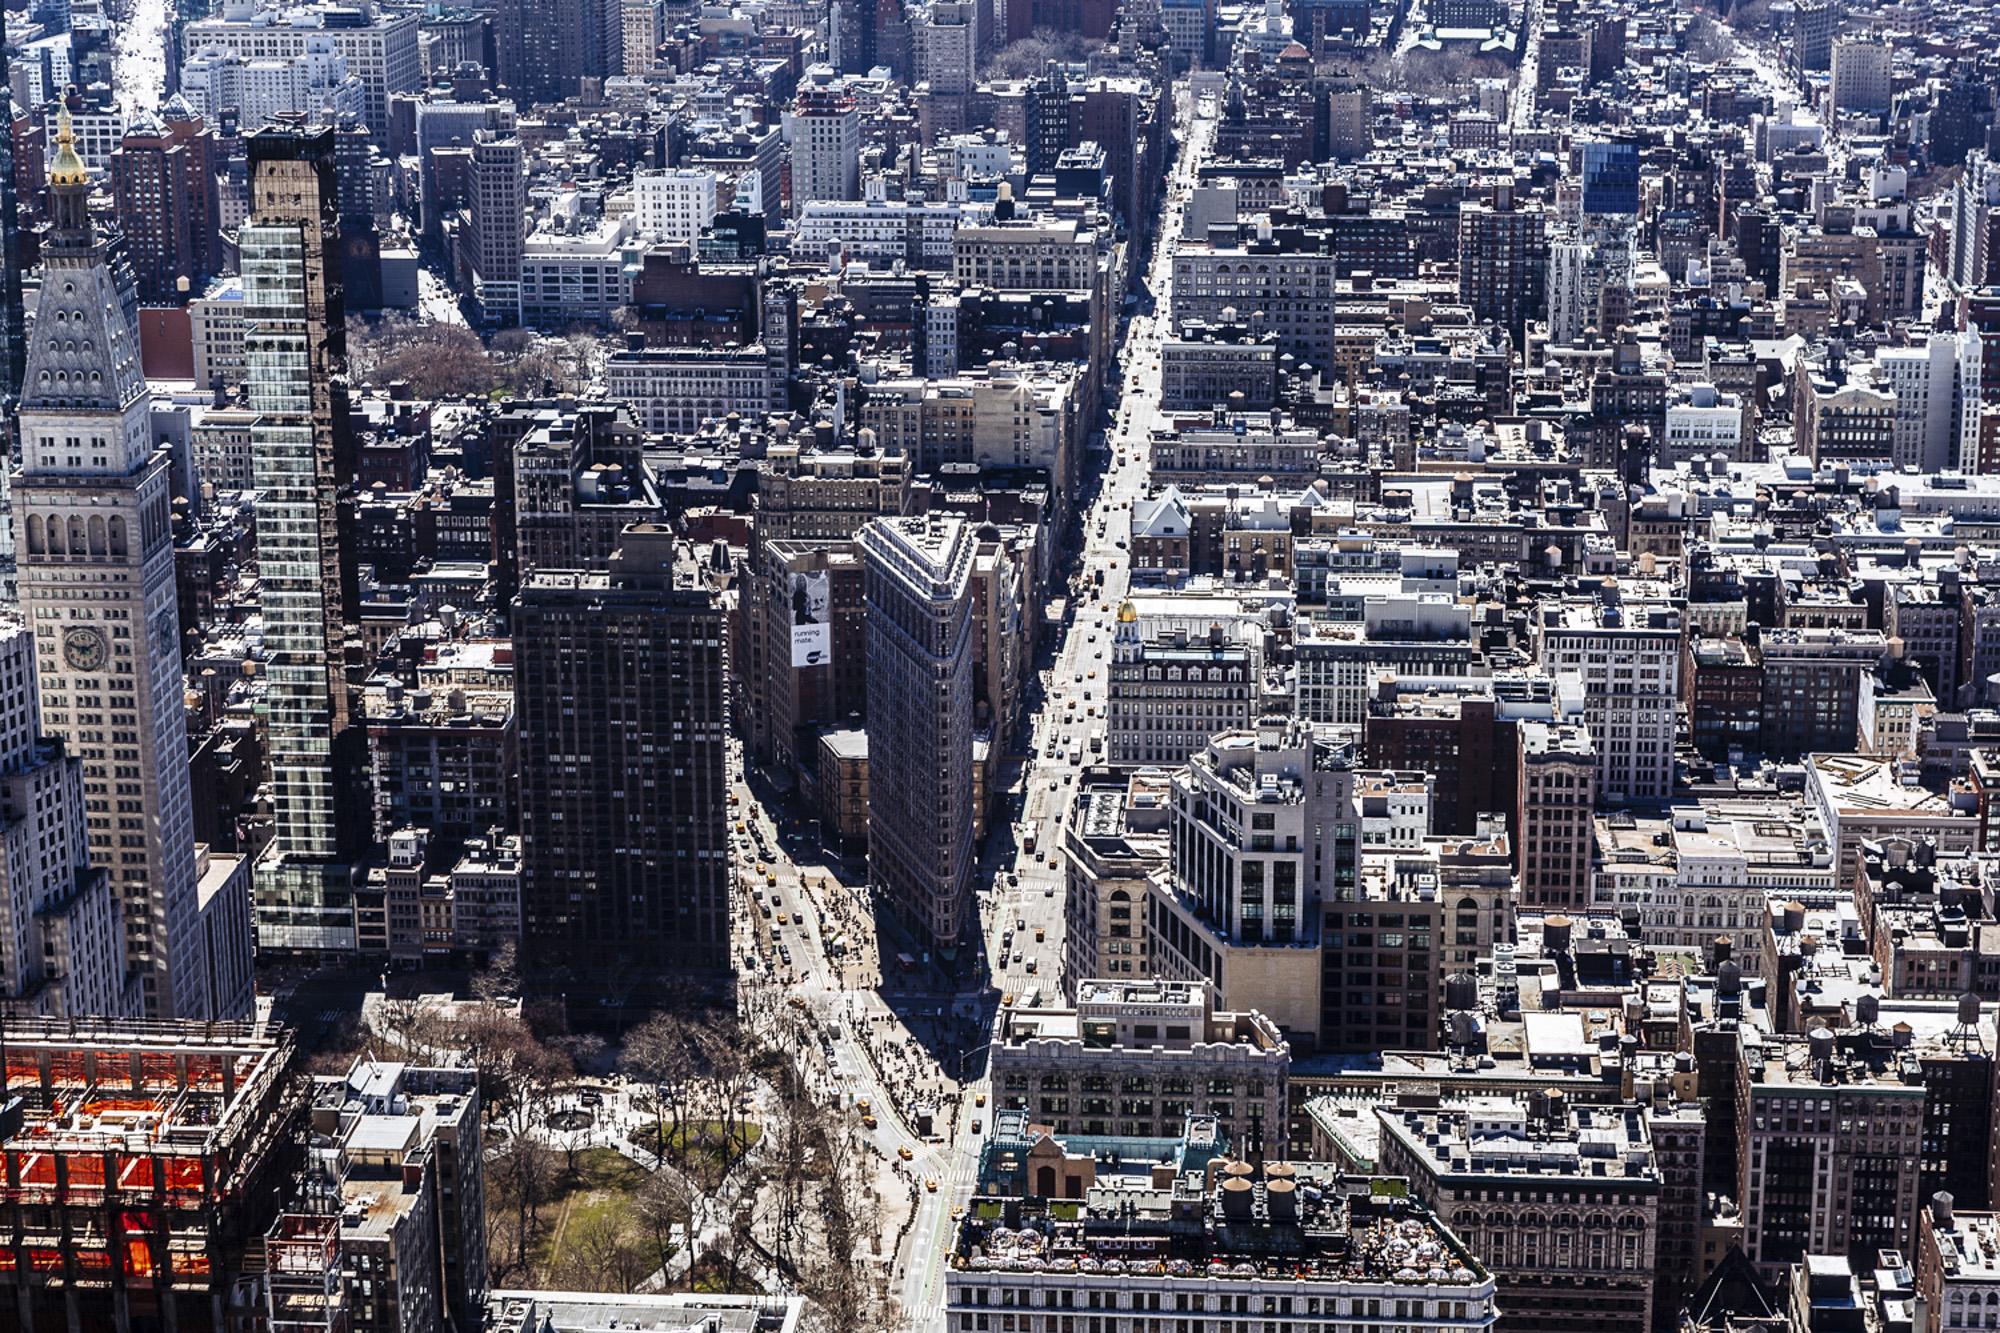 kyrani-kanavaros-new-york-photography-2.jpg